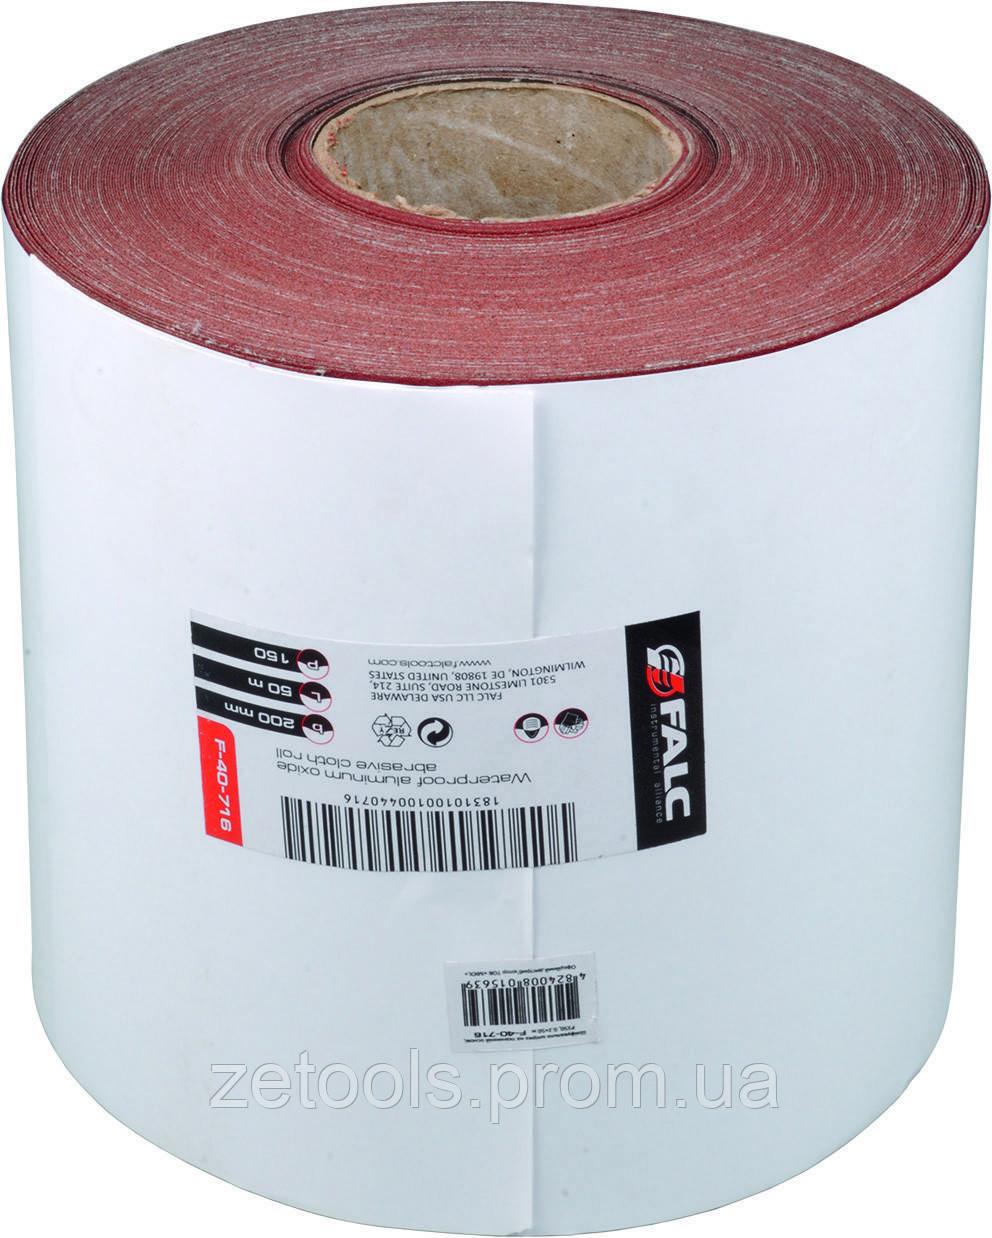 Шліфувальна шкурка на тканинній основі,рулон 200ммх50м Miol F-40-710